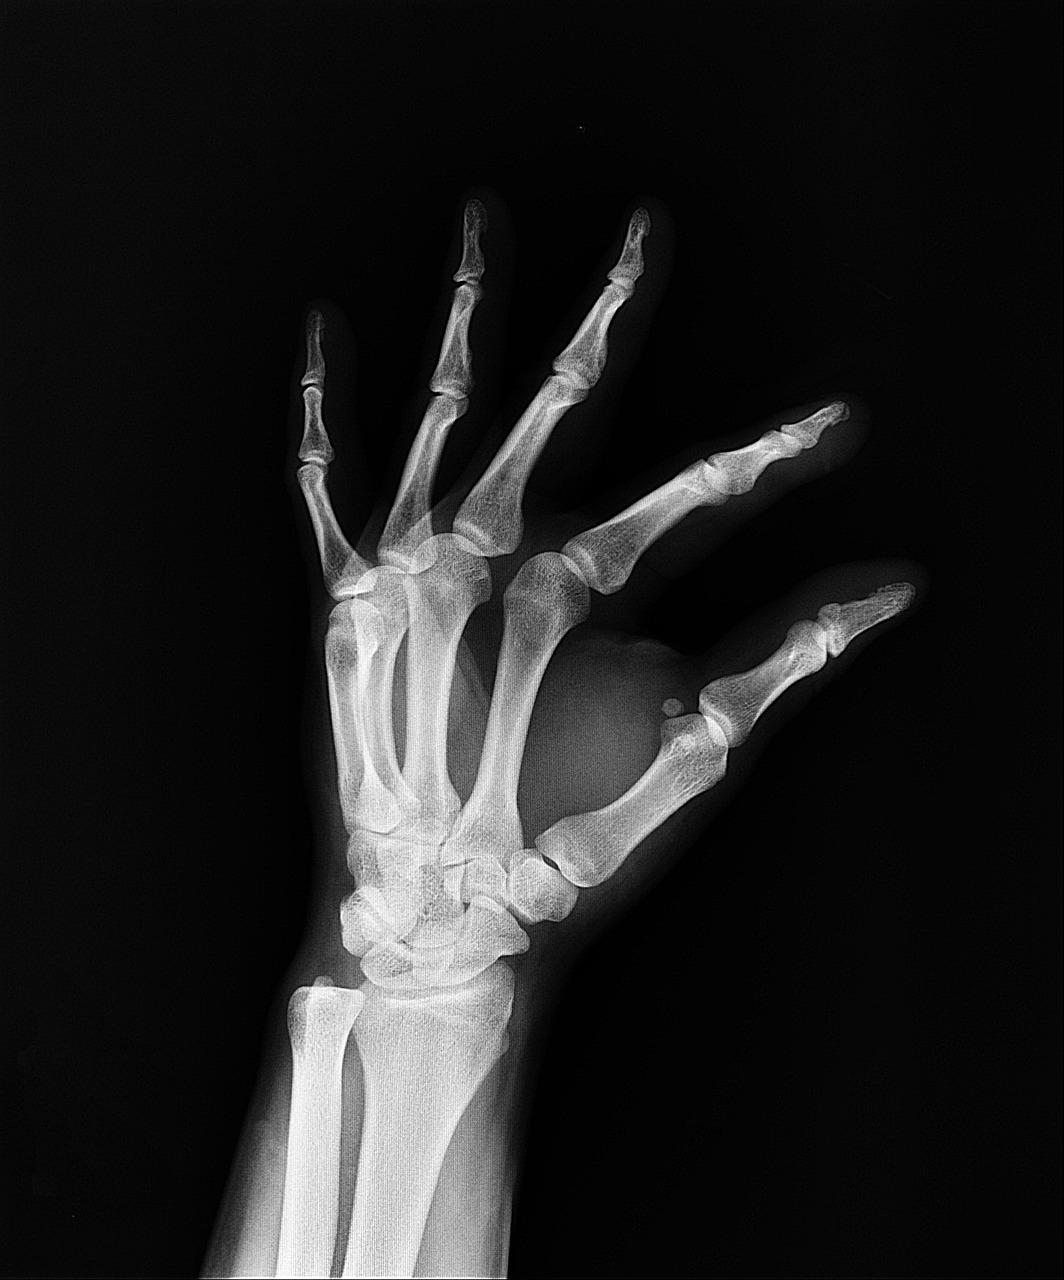 x-ray-1704854_1280.jpg